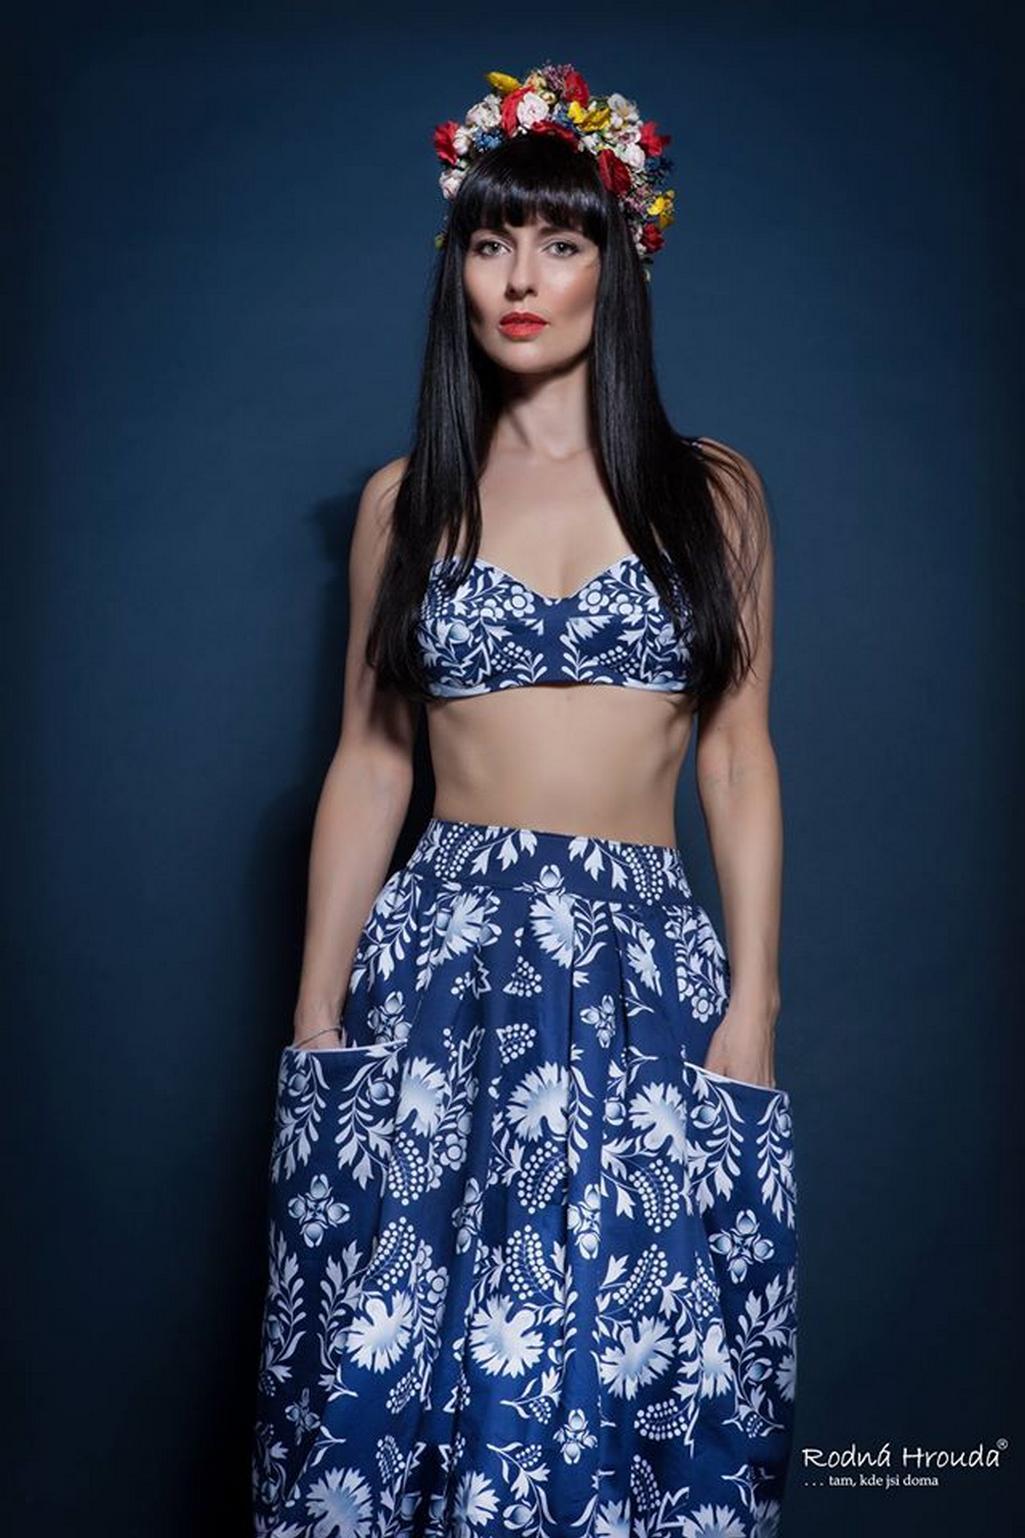 Rodná hrouda - módní značka Marie Staré inspirovaná folklorem